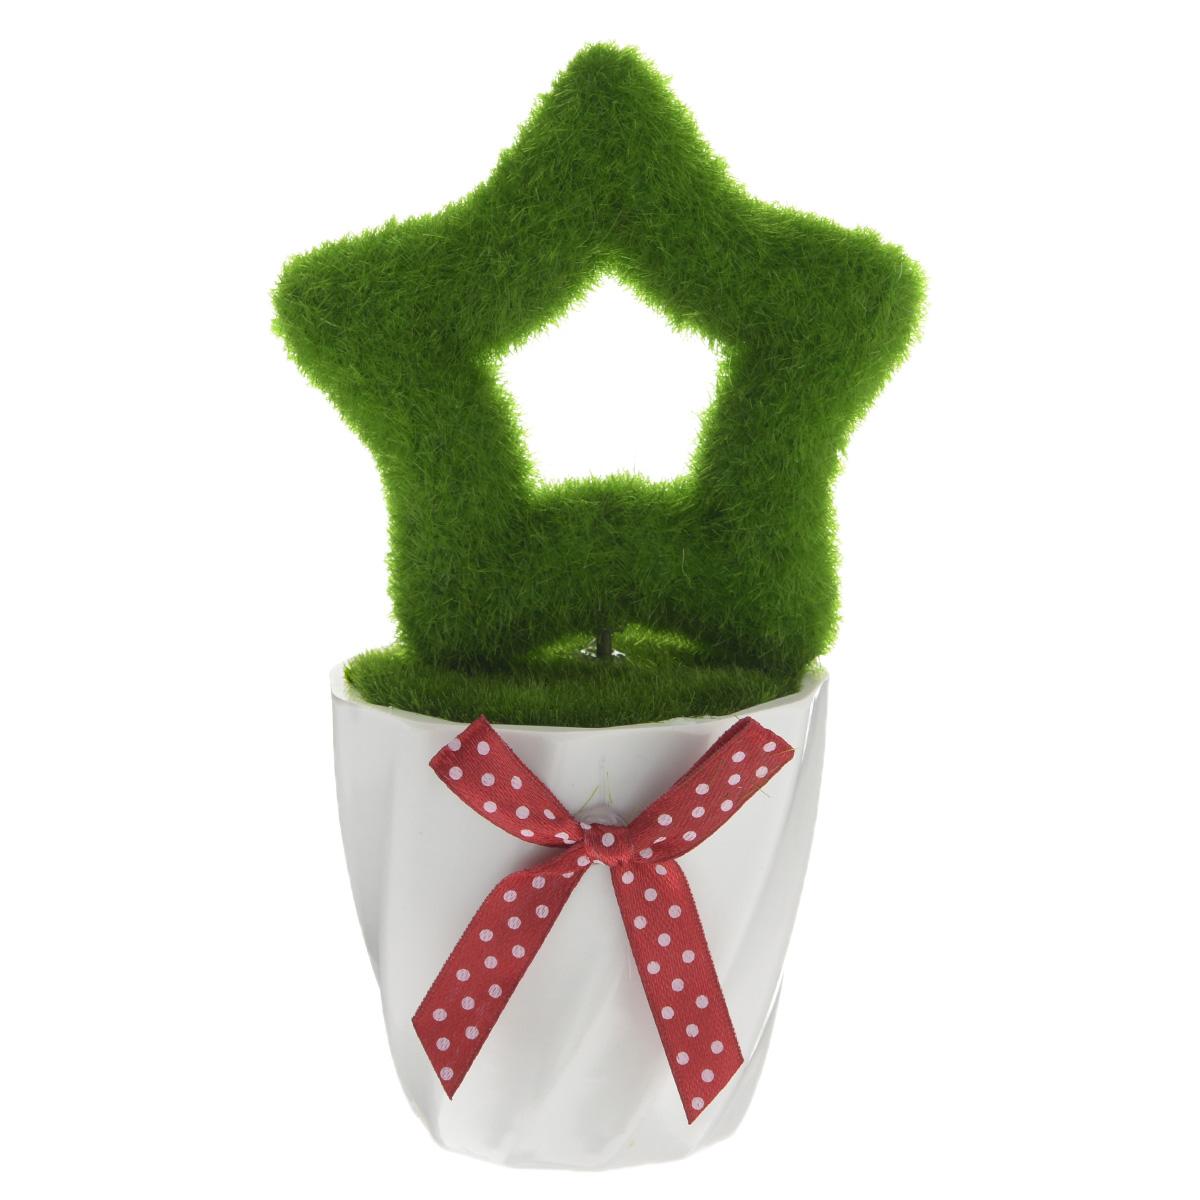 Декоративное украшение Феникс-презент Звезда, высота 15 см37560Декоративное украшение Феникс-презент Звезда, изготовленное из ПВХ и пенопласта дополнит интерьер любого помещения, а также может стать оригинальным подарком для ваших друзей и близких. Композиция выполнена в виде деревца с кроной в форме звезды. Деревце располагается в небольшом горшочке. Оформление помещения декоративным деревом создаст праздничную, по-настоящему радостную и теплую атмосферу в доме. Размер кроны дерева: 8 см х 8 см х 2 см.